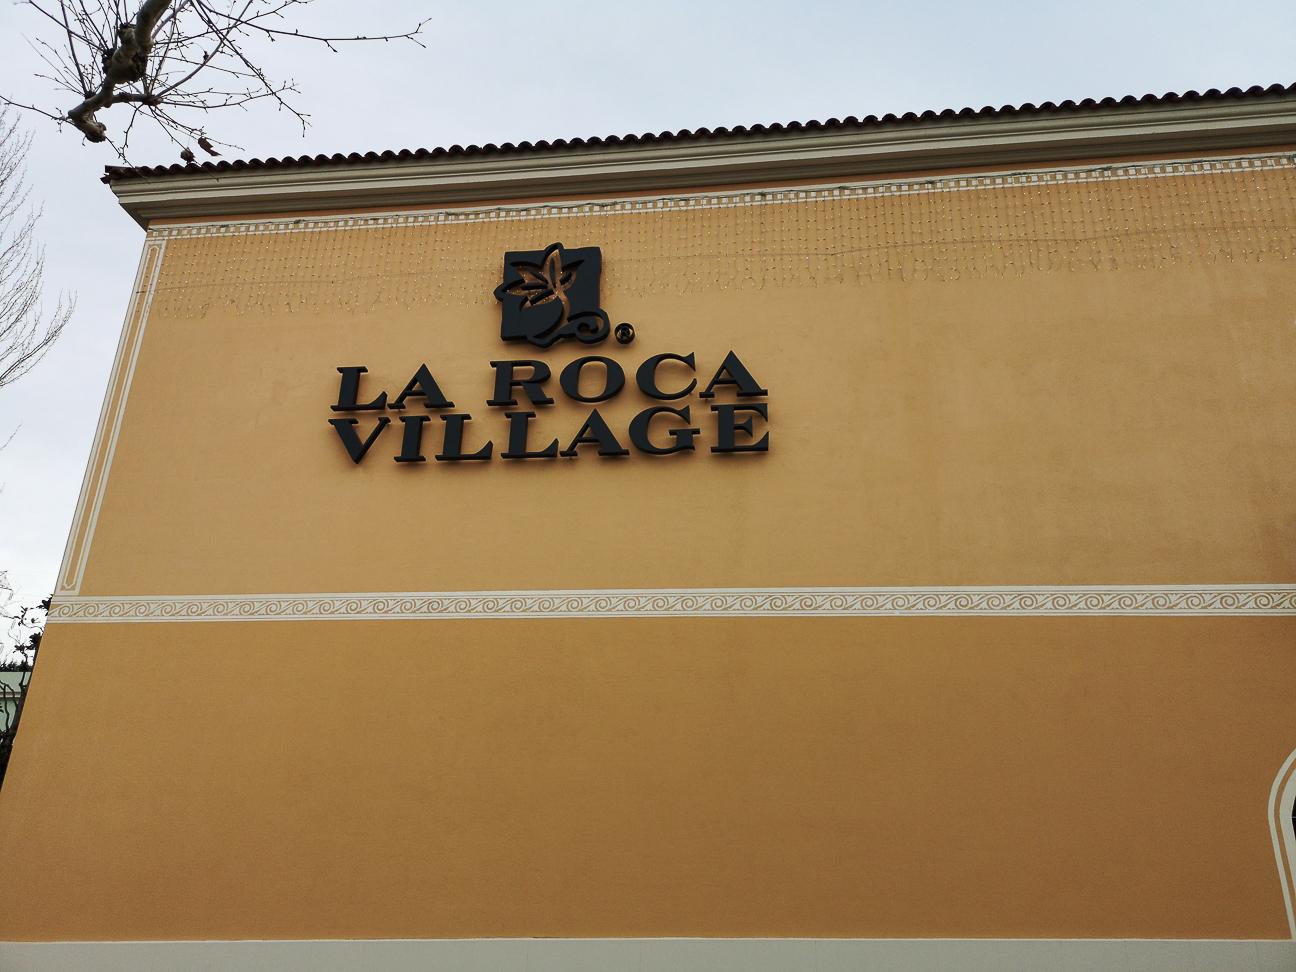 Entrada a la Roca Village